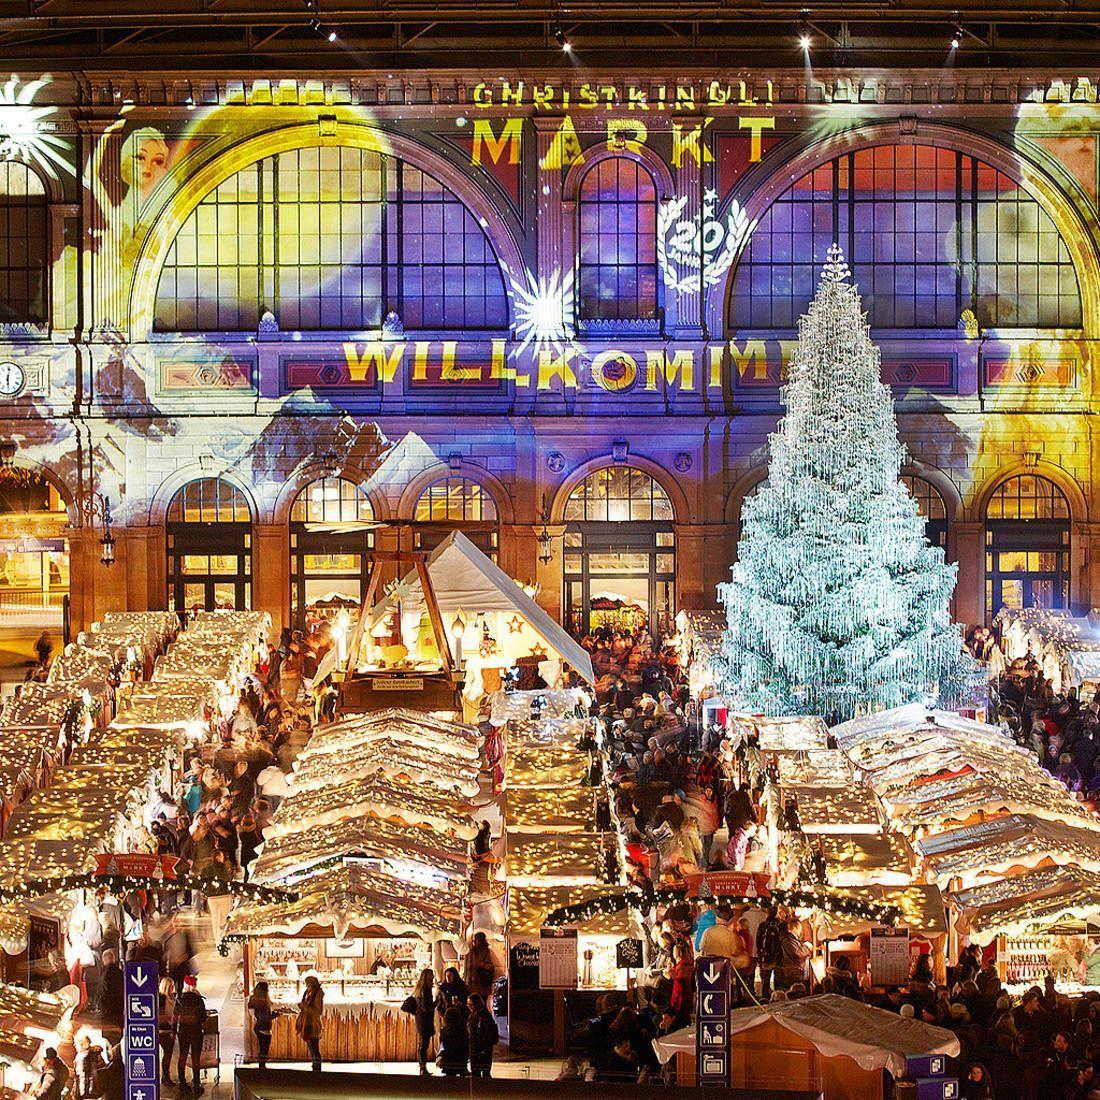 Marché de noël 2014 : les plus beaux marchés de noël de France et dEurope#Traditions de #Noël #marchédenoel